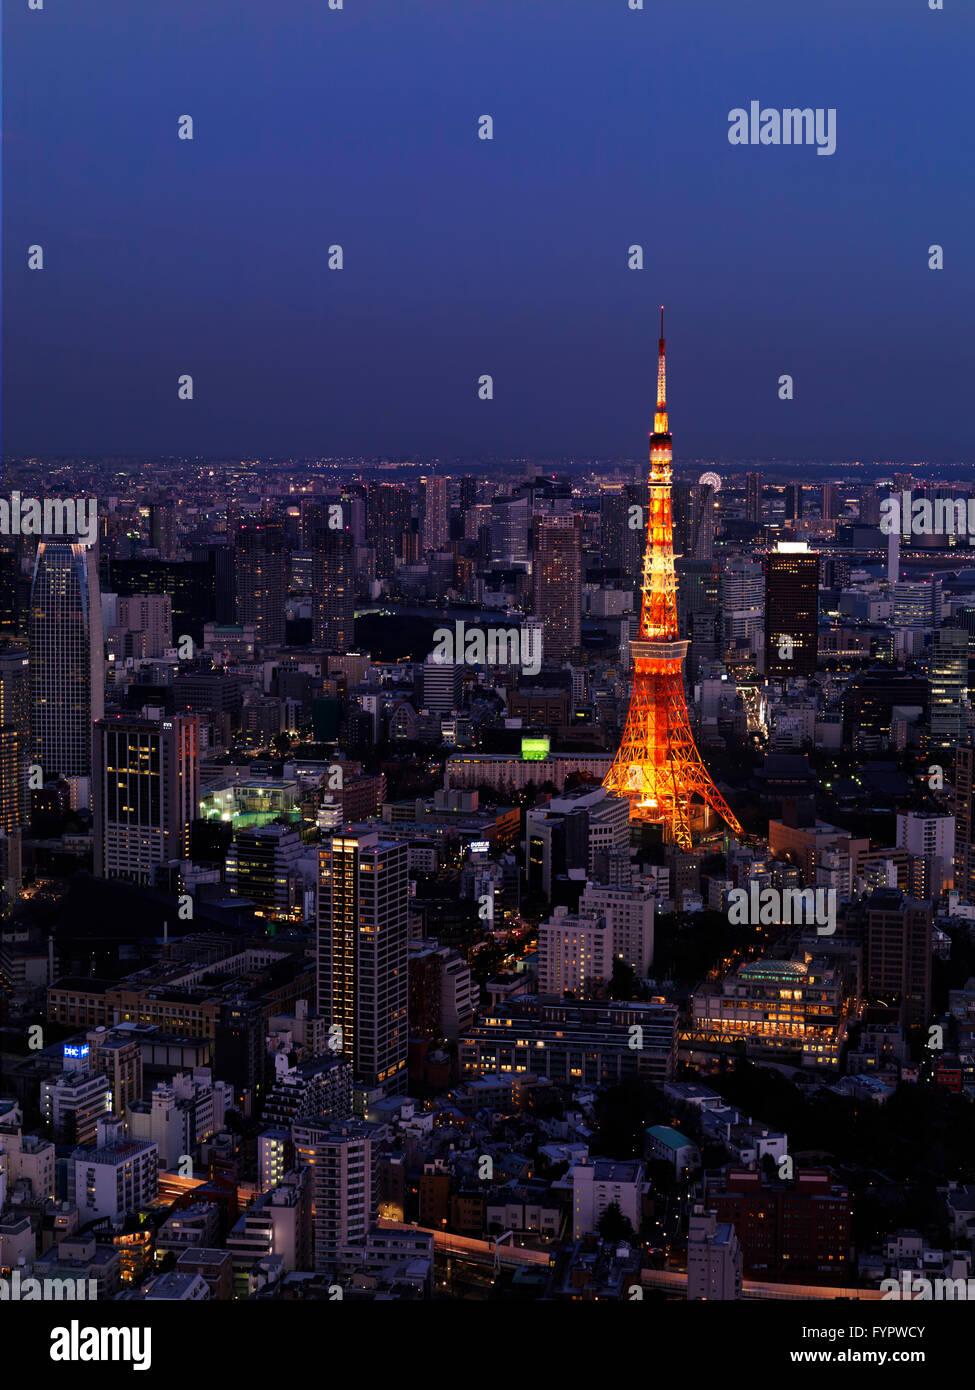 Tokyo Tower, illuminated at night, Tokyo, Japan - Stock Image